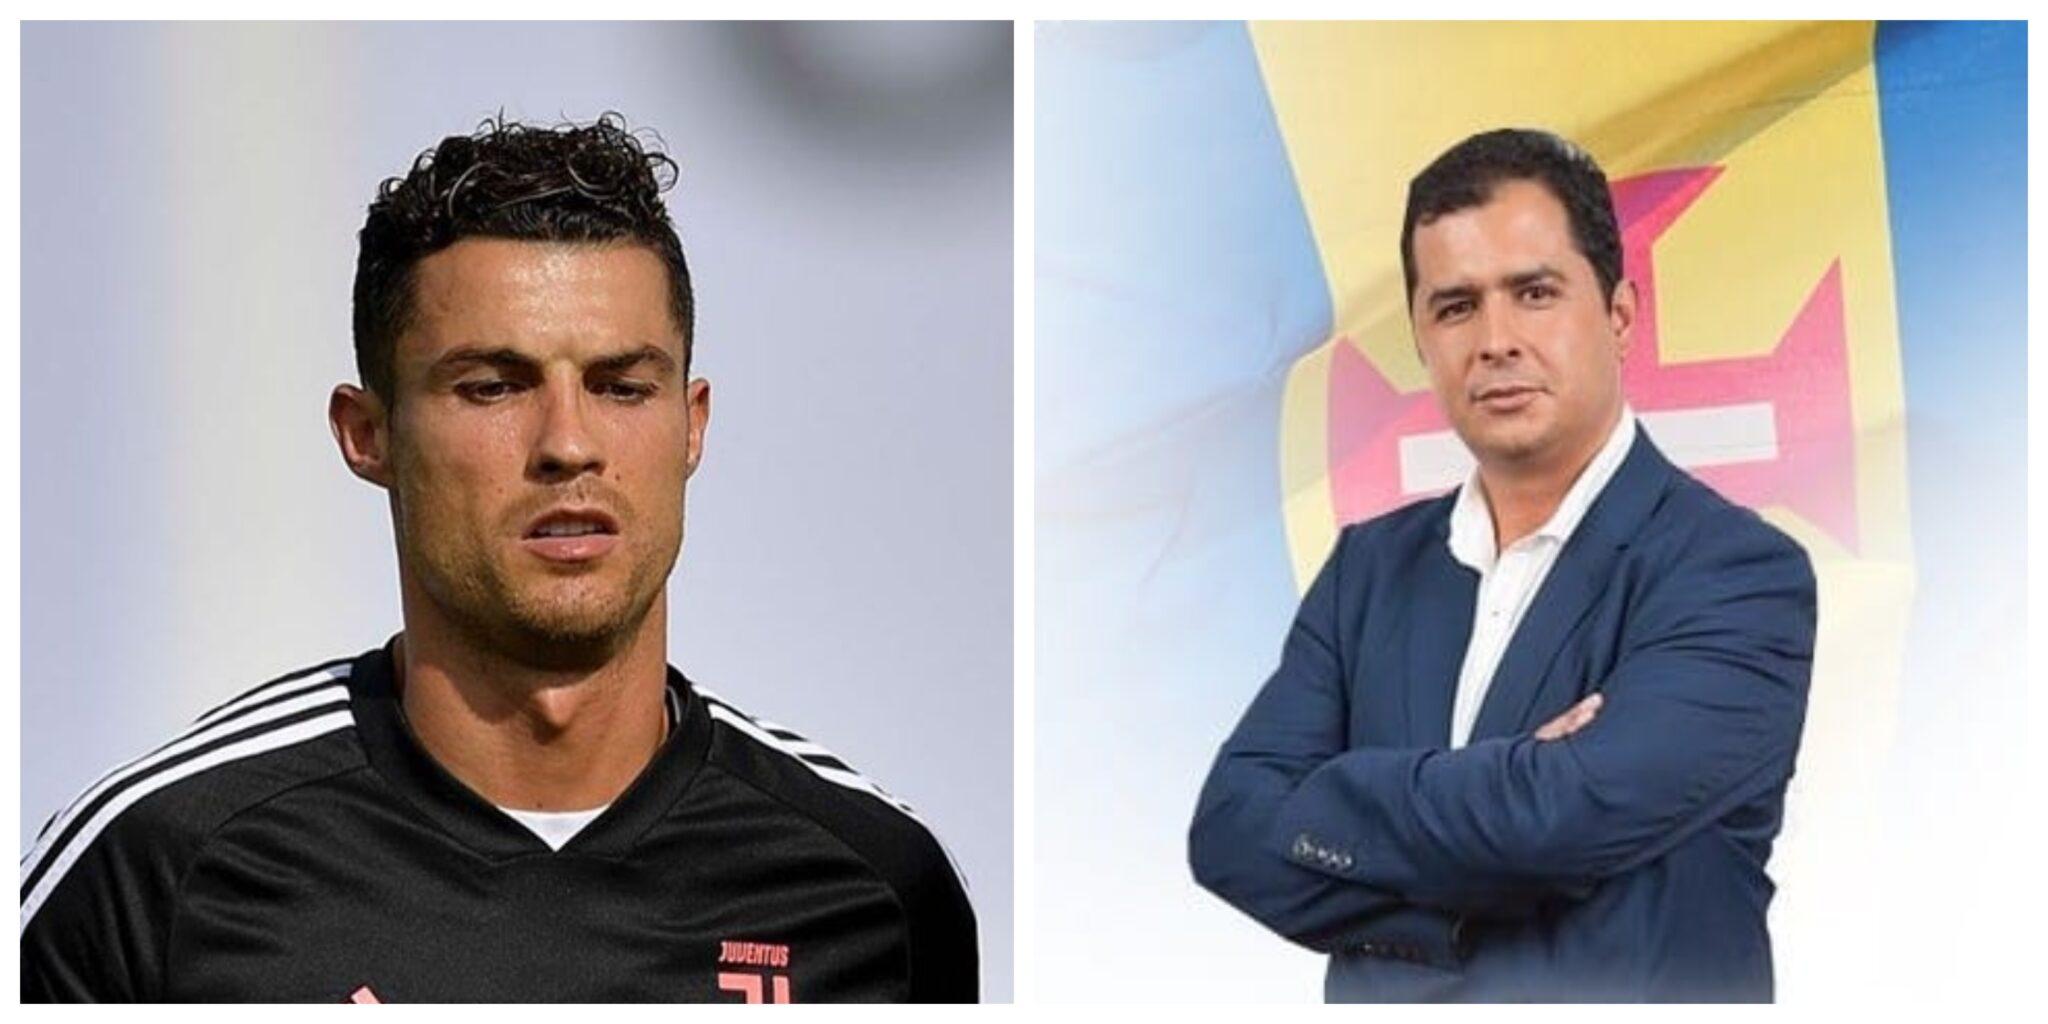 """cristiano ronaldo Rafaelmacedo scaled Cristiano Ronaldo é chamado de """"vagabundo"""" e """"animal"""" por político e Elma Aveiro revolta-se"""